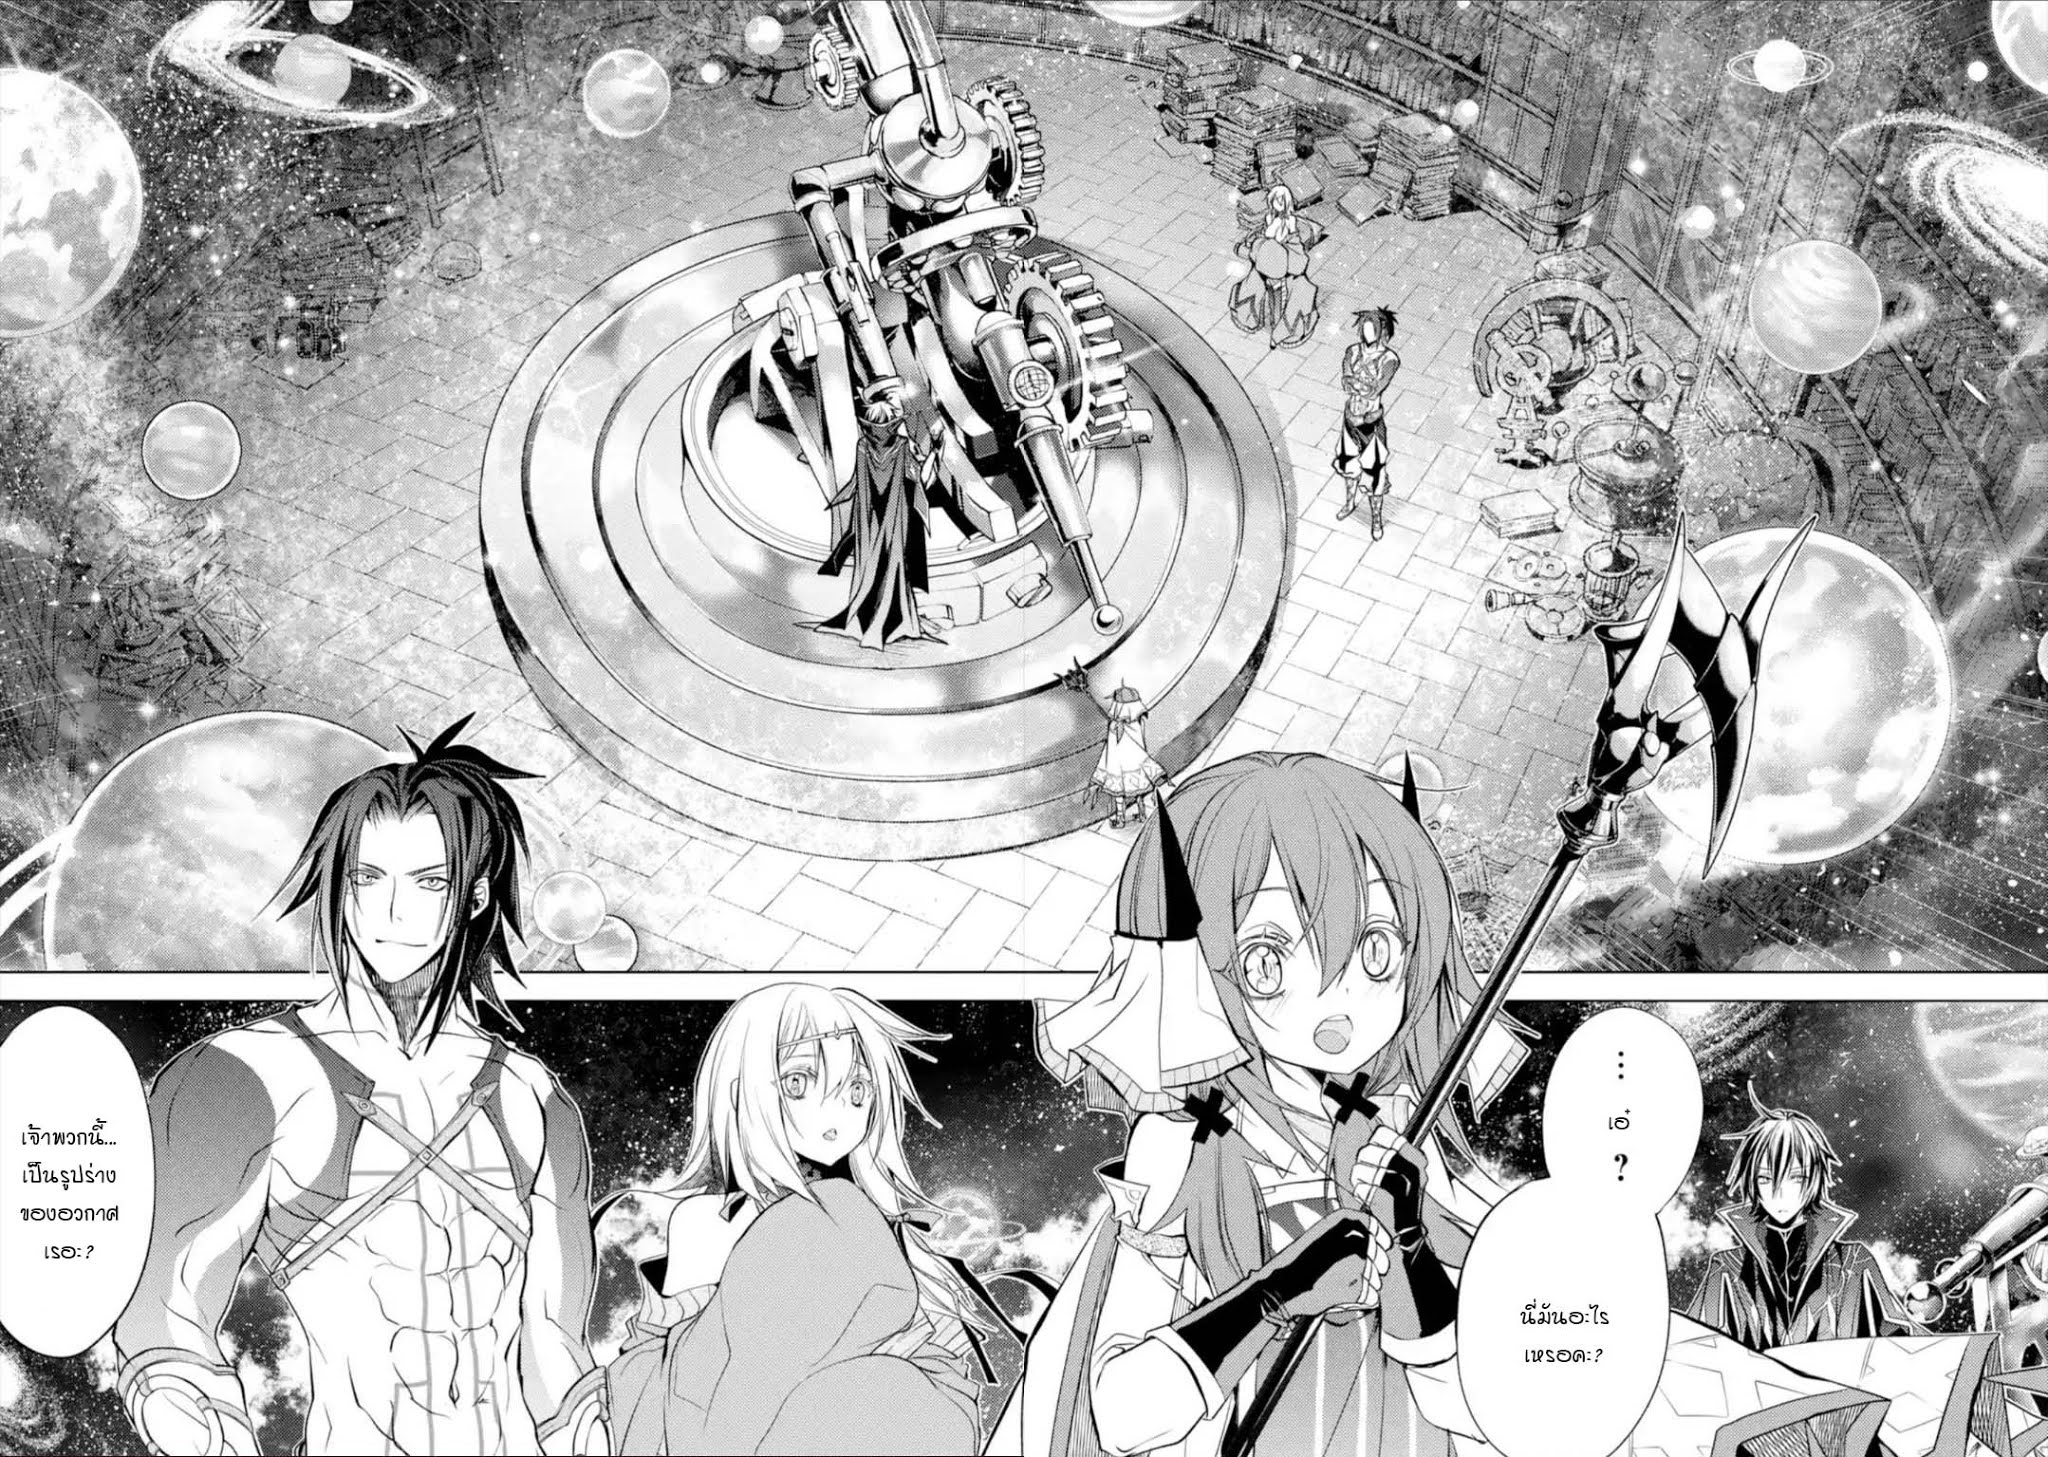 อ่านการ์ตูน Senmetsumadou no Saikyokenja ตอนที่ 8.1 หน้าที่ 13